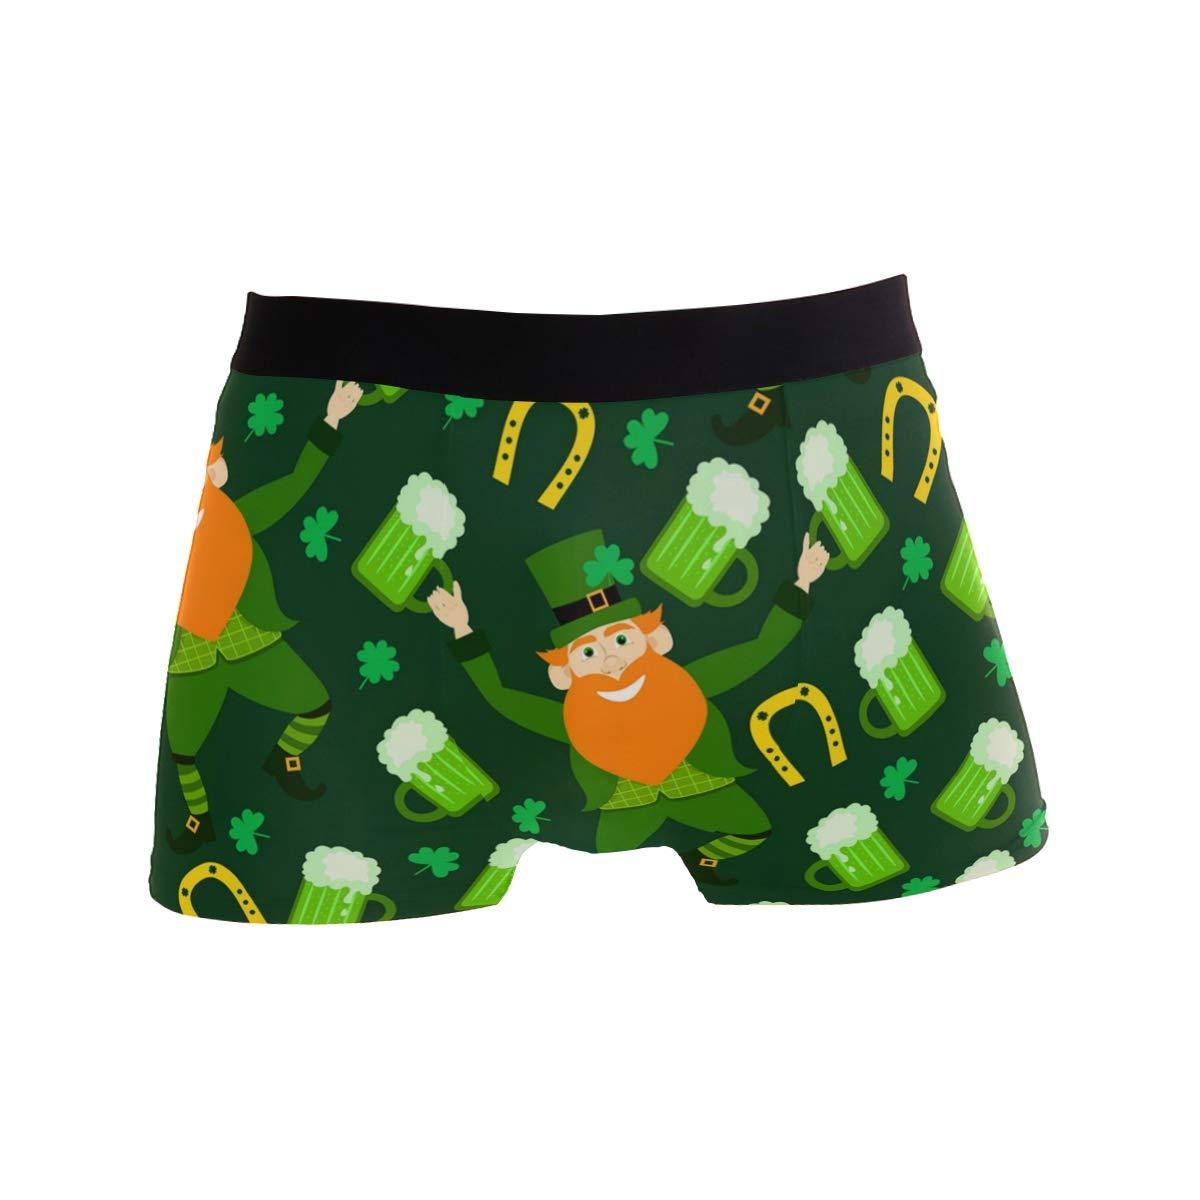 CATSDER Happy St Patricks Day Leprechauns Beer Boxer Briefs Mens Underwear Pack Seamless Comfort Soft